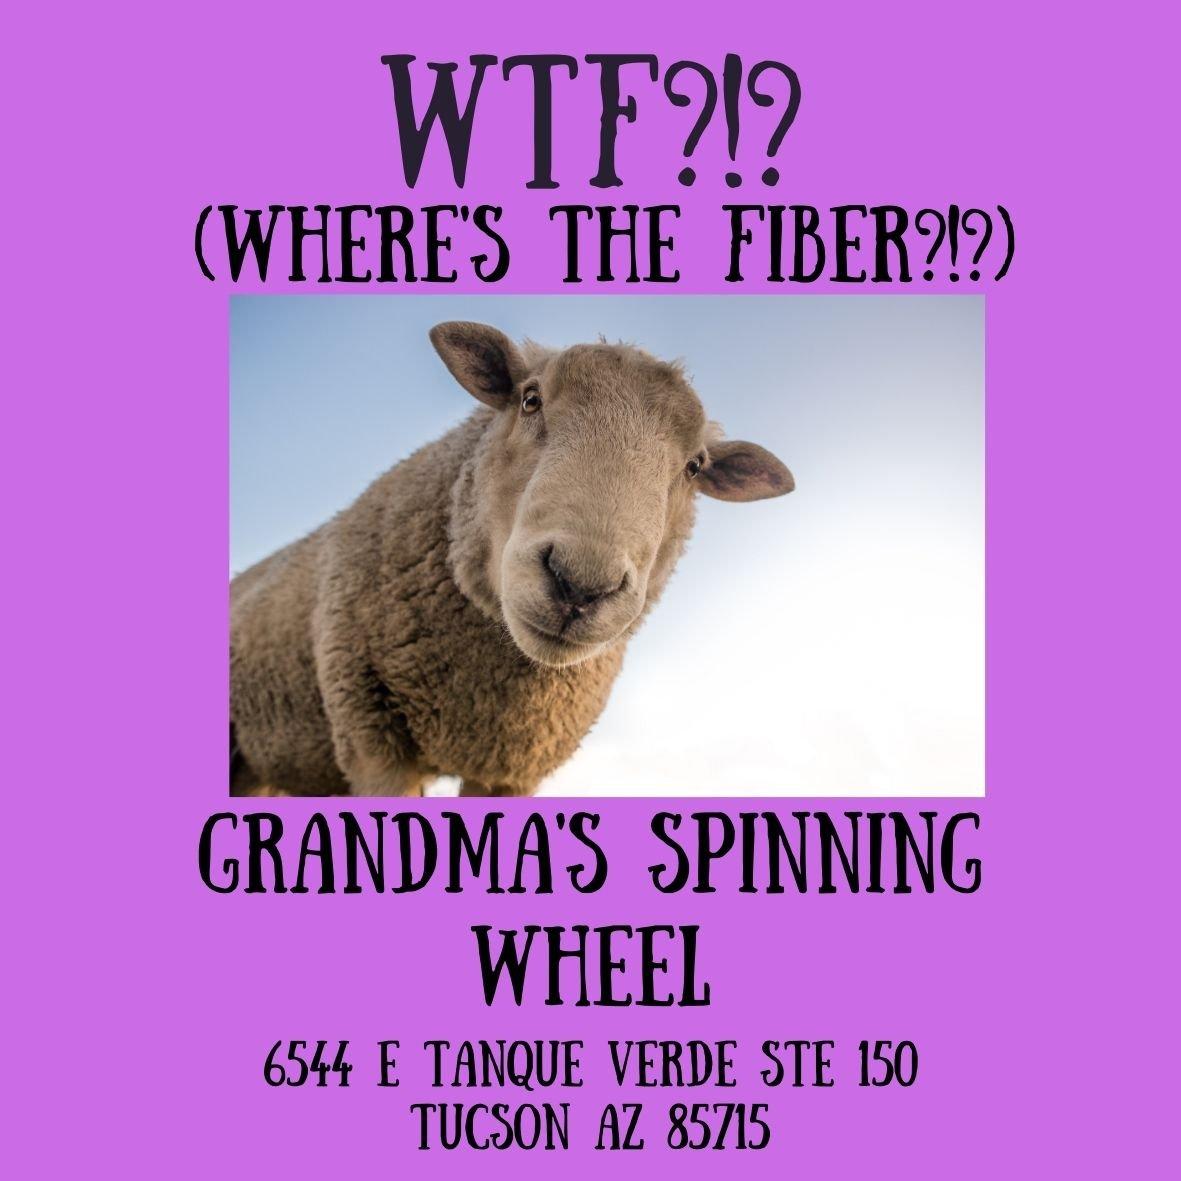 Grandma's Fiber Mystery Prescription Subscription